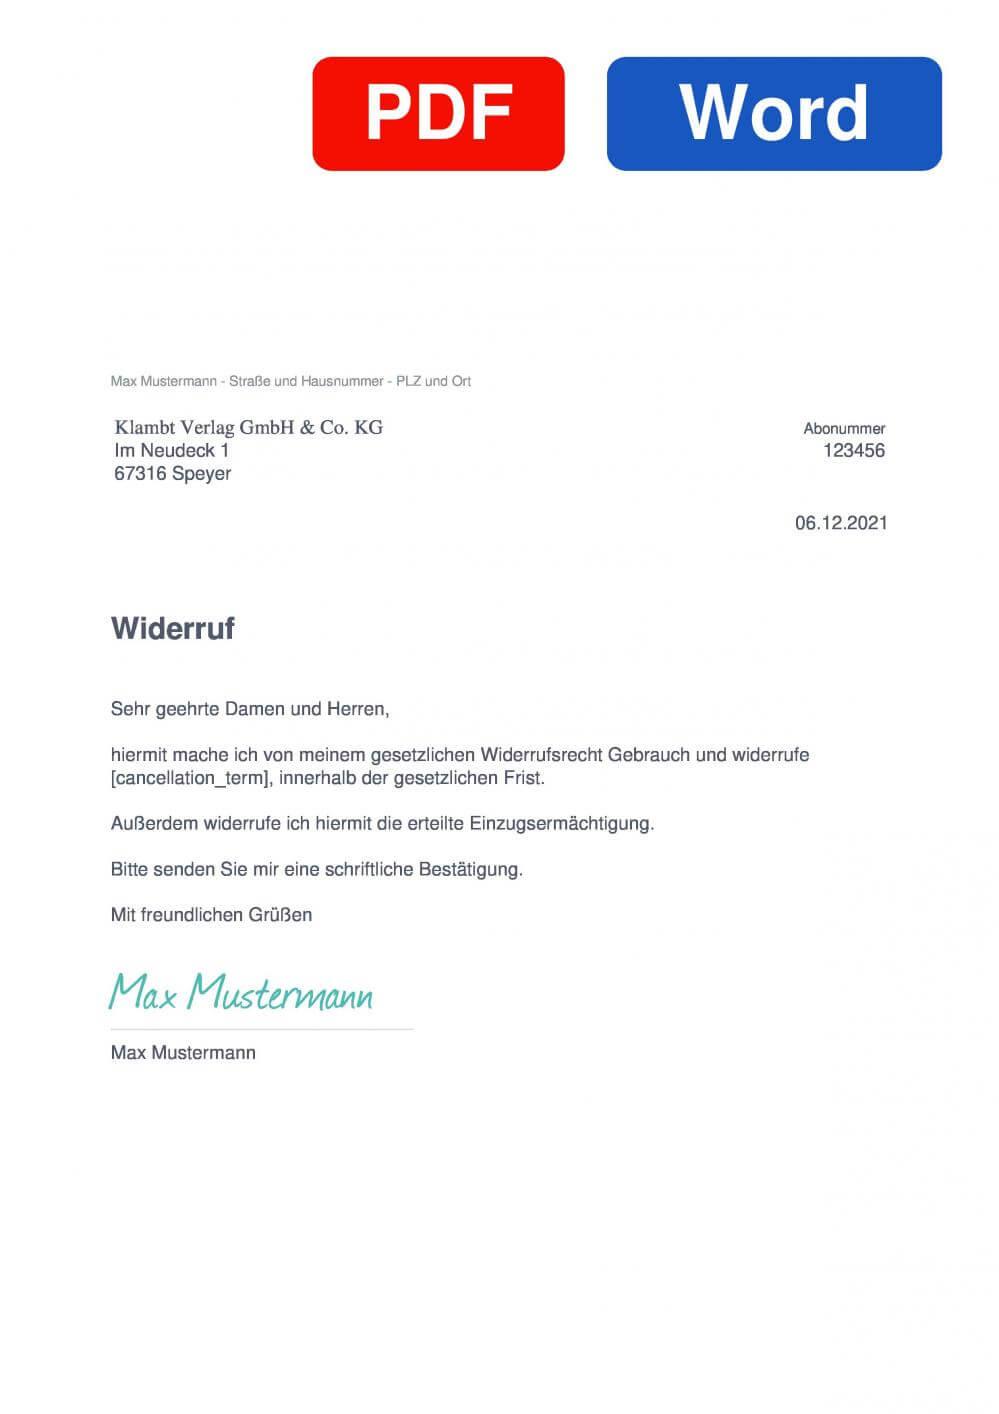 Freizeit & Rätsel-Magazin Muster Vorlage für Wiederrufsschreiben